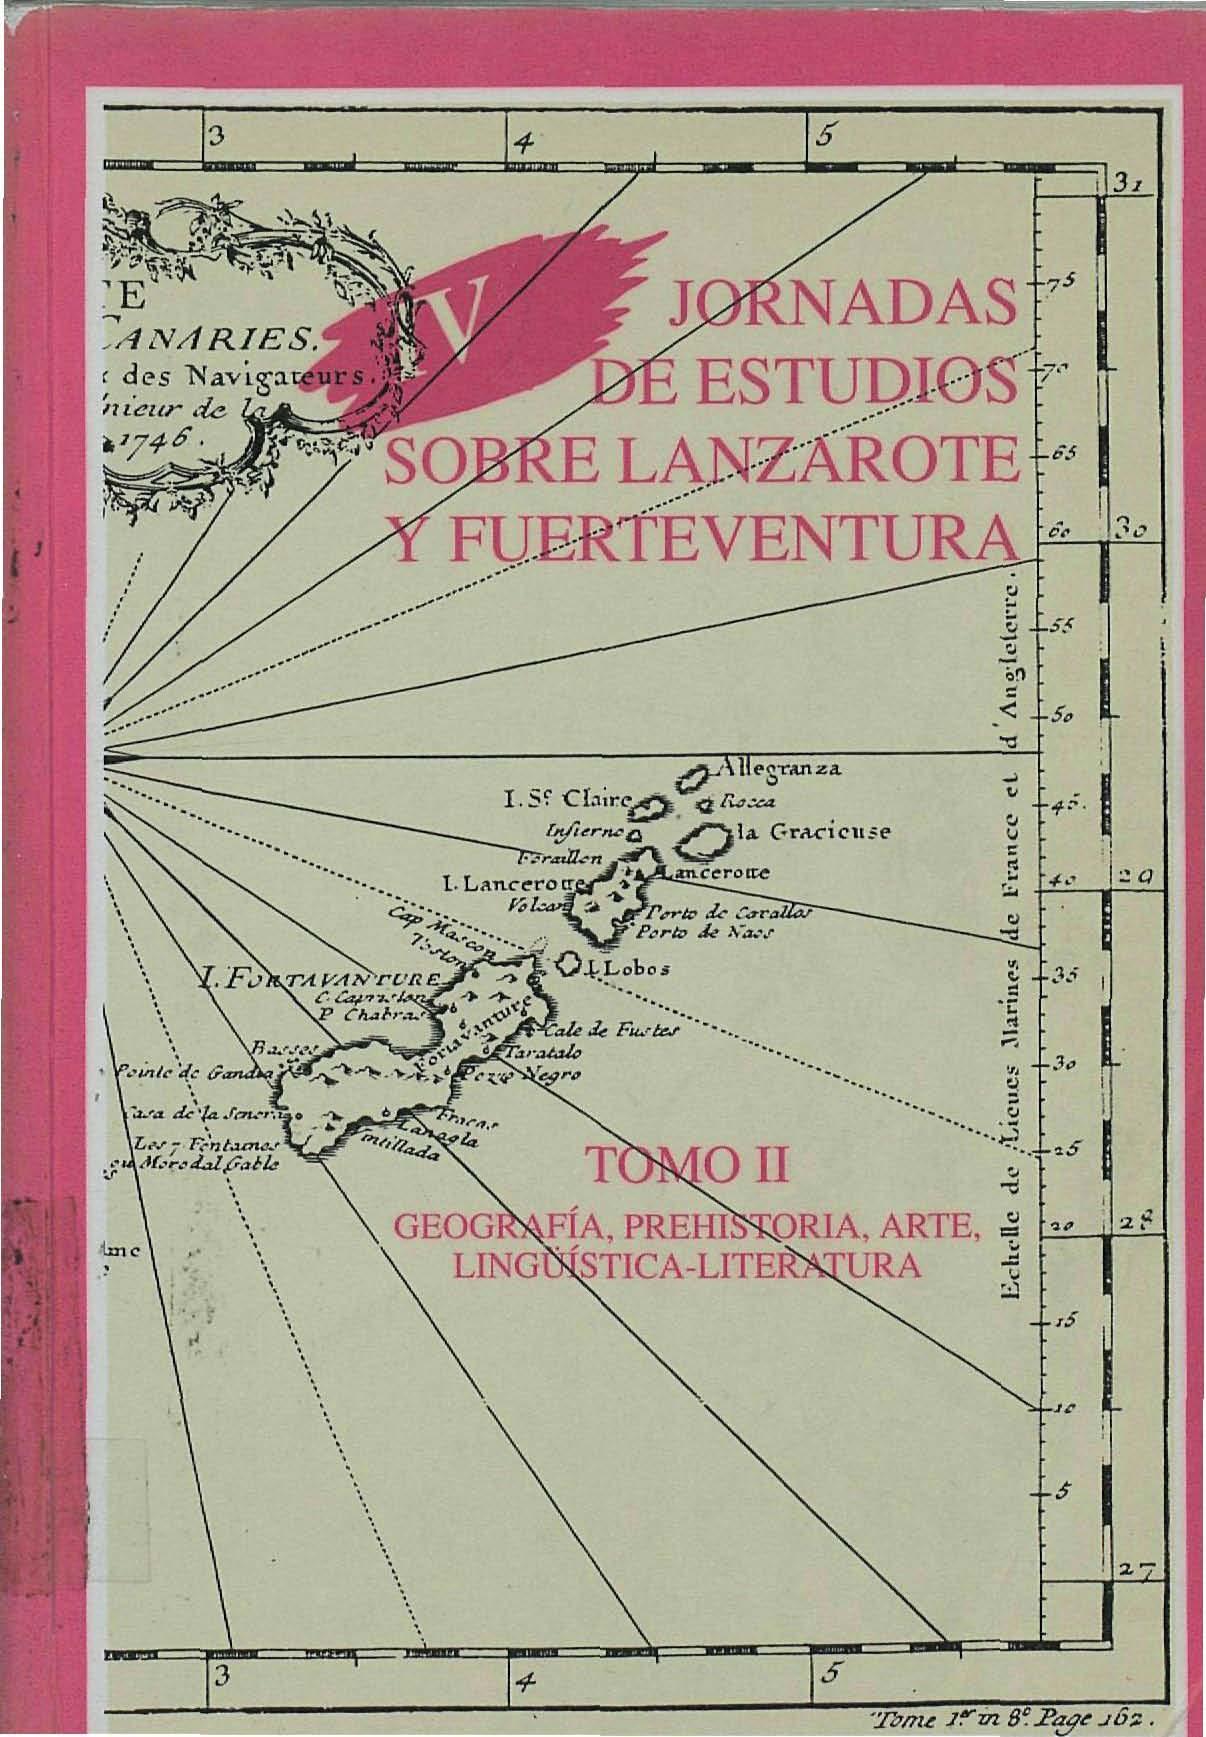 Borges Linares: su obra en Fuerteventura y Lanzarote